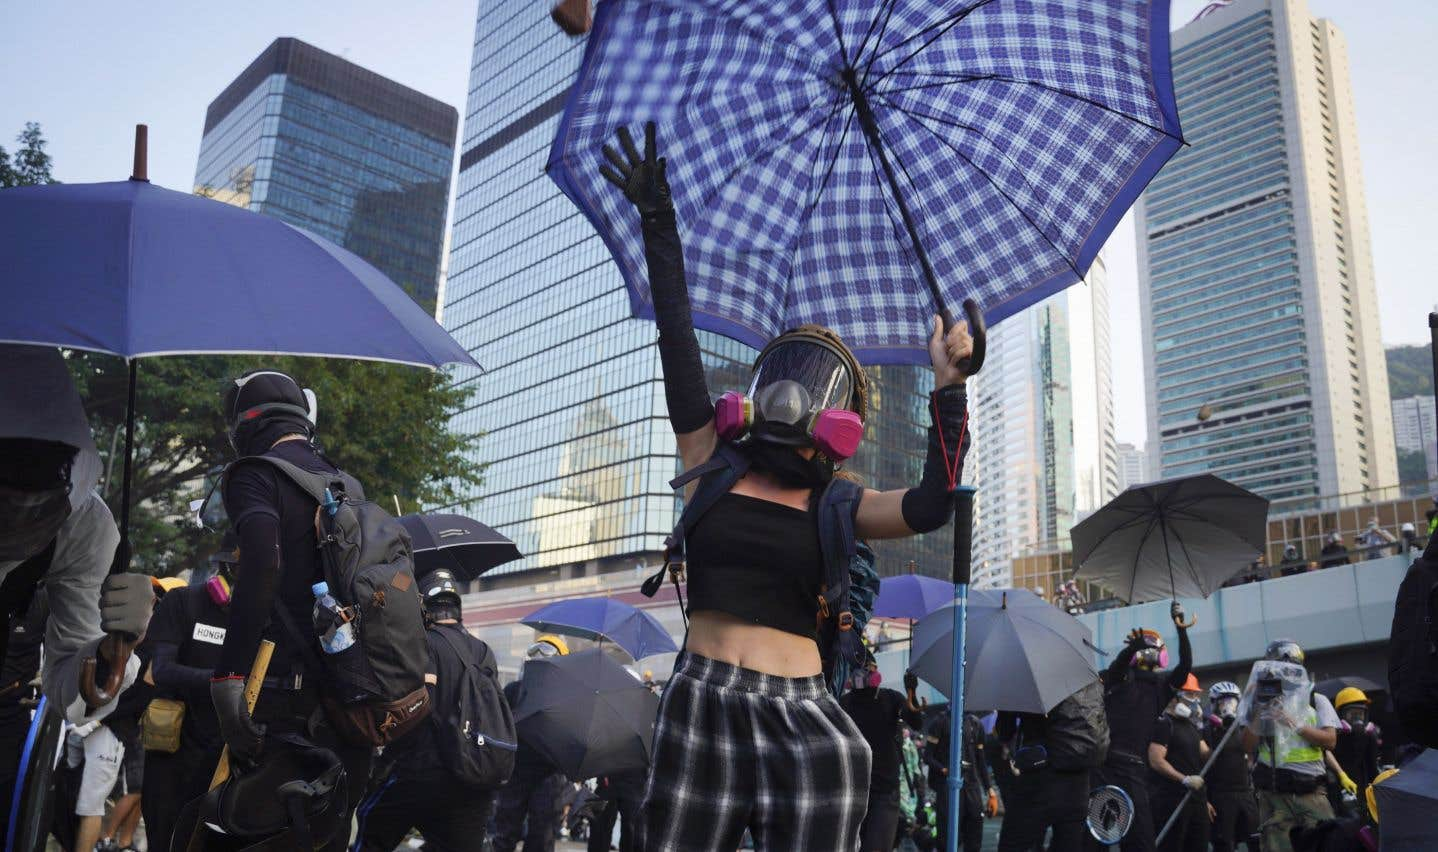 Des protestataires lancent des pierres durant une manifestation contre le gouvernement. Le rassemblement a généré des affrontements entre des policiers et des groupuscules radicaux. Malgré l'interdiction de manifester, des centaines de personnes se sont présentées devant le consulat britannique pour réclamer davantage d'actions de Londres pour son ancienne colonie.